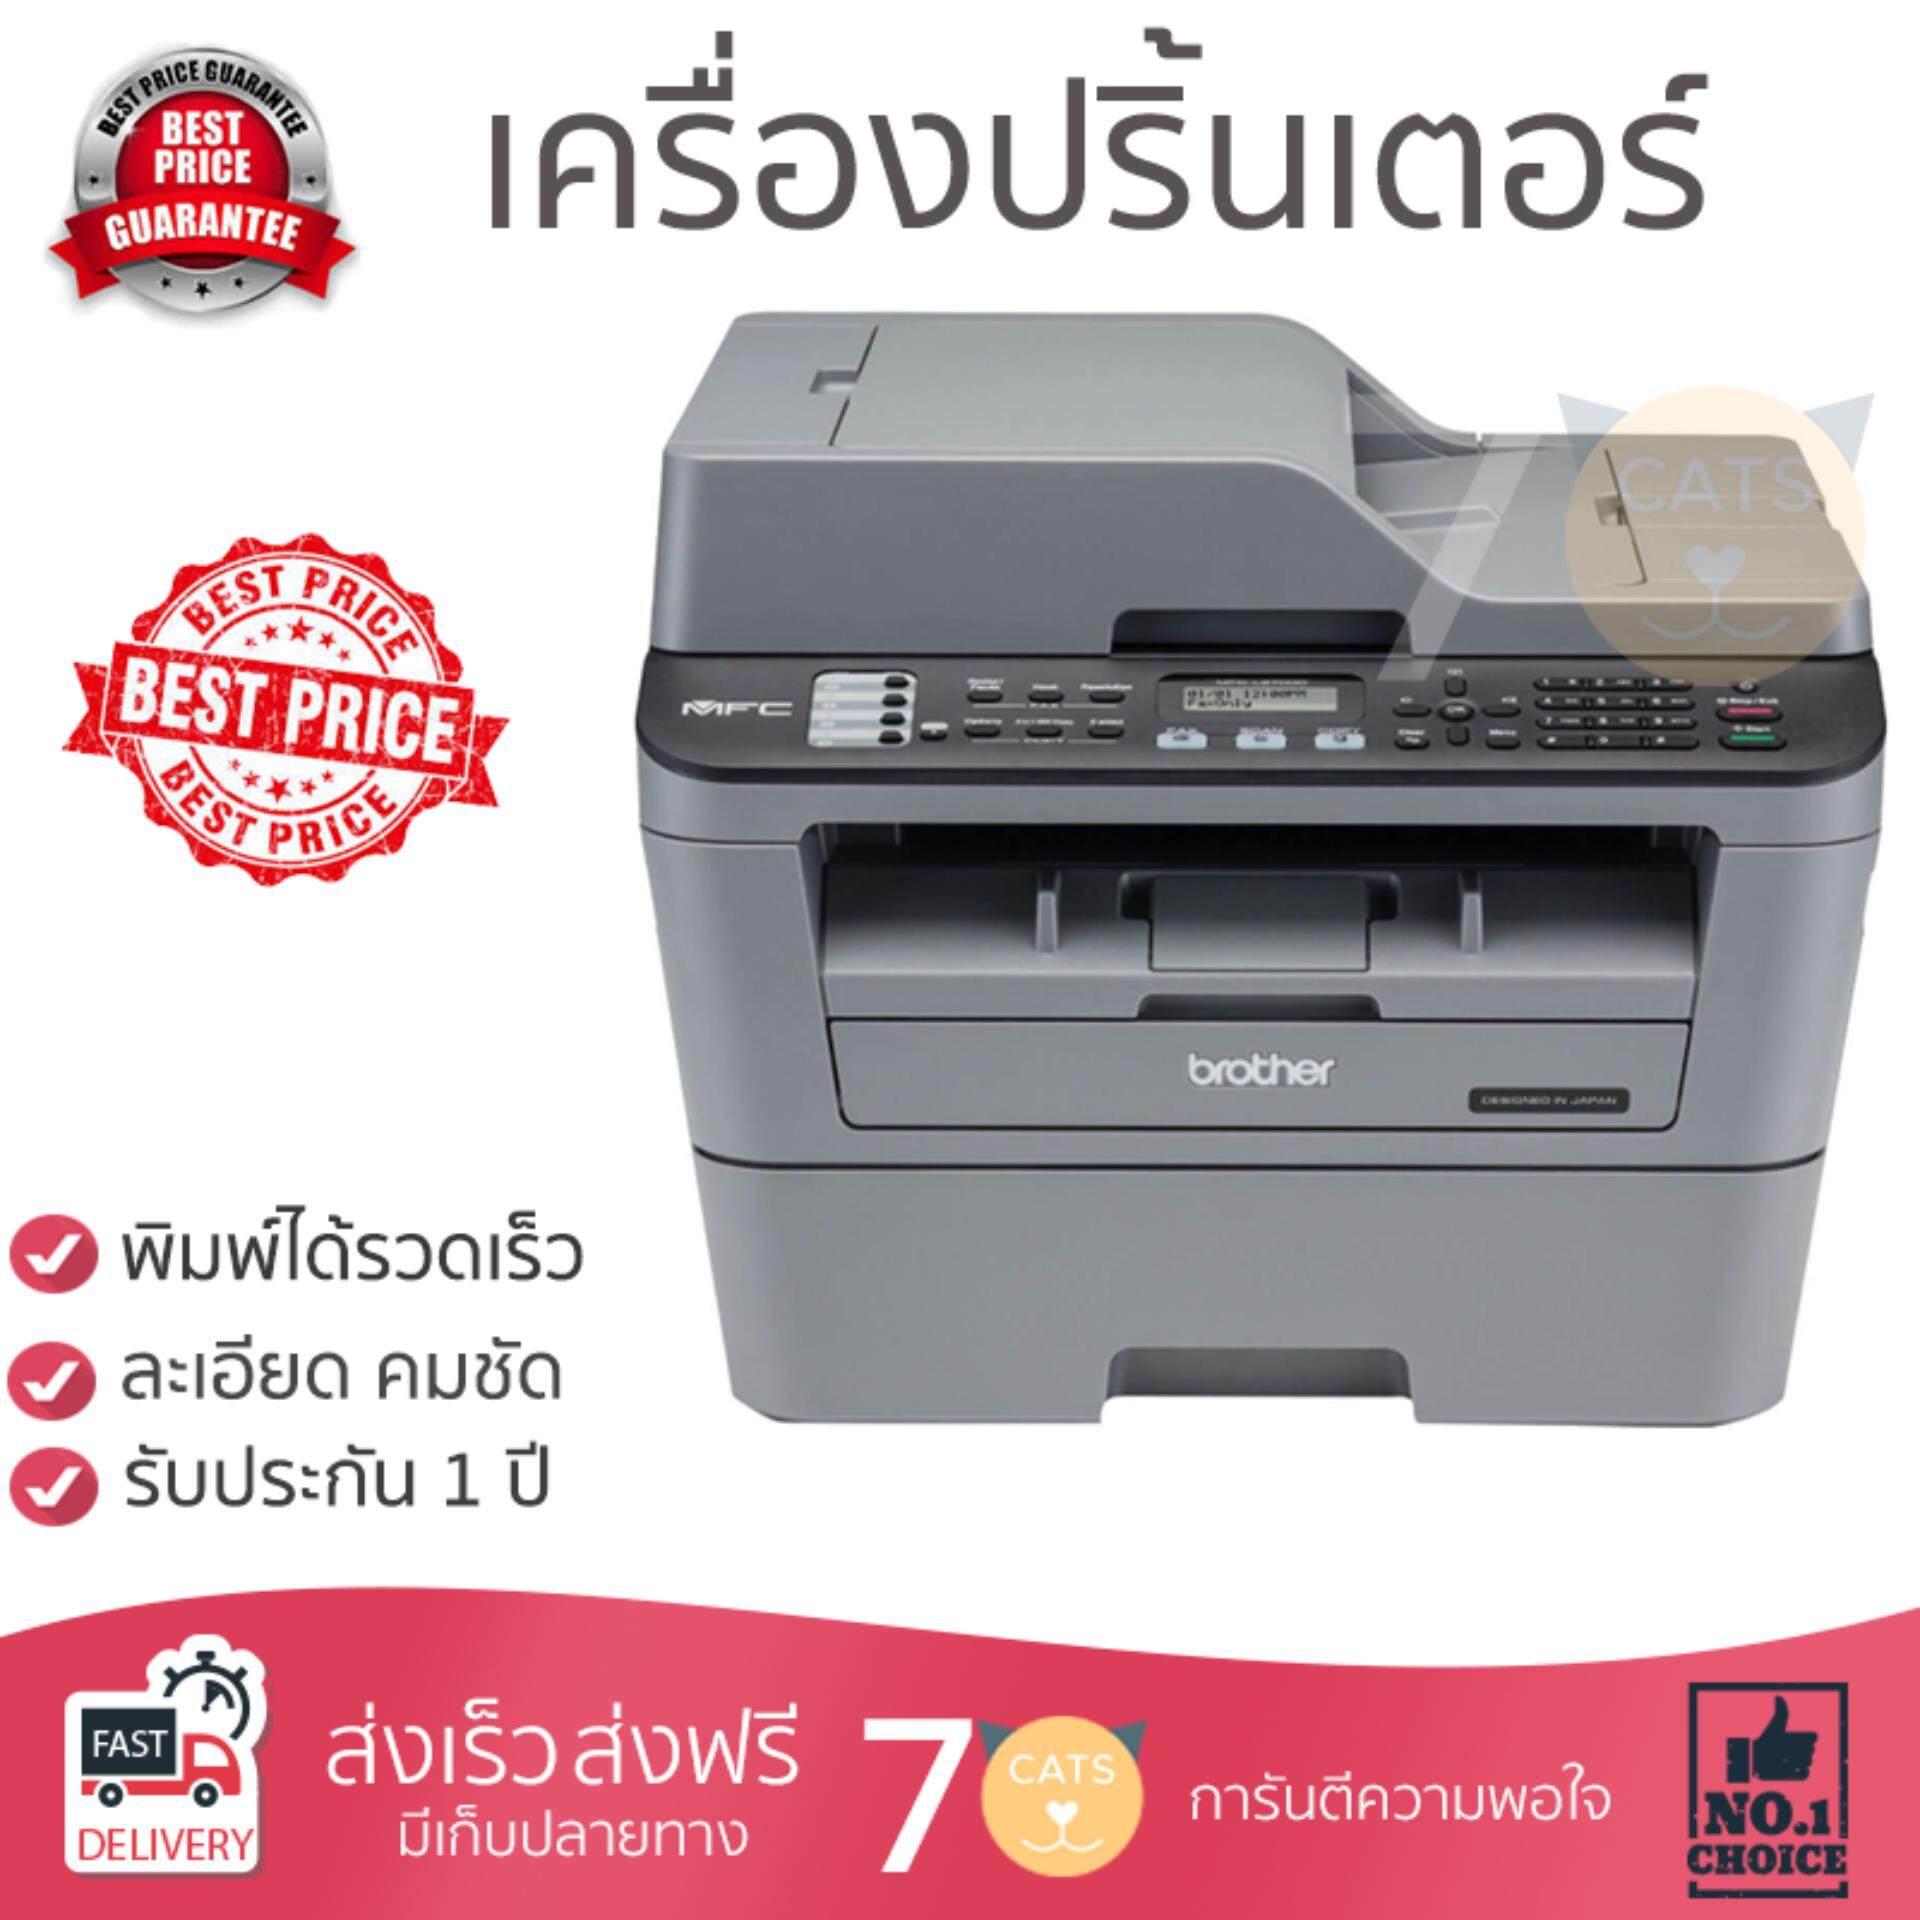 โปรโมชัน เครื่องพิมพ์           BROTHER ปริ้นเตอร์มัลติฟังก์ชั่น รุ่น MFC-L2700D             ความละเอียดสูง คมชัด ประหยัดหมึก เครื่องปริ้น เครื่องปริ้นท์ All in one Printer รับประกันสินค้า 1 ปี จัดส่